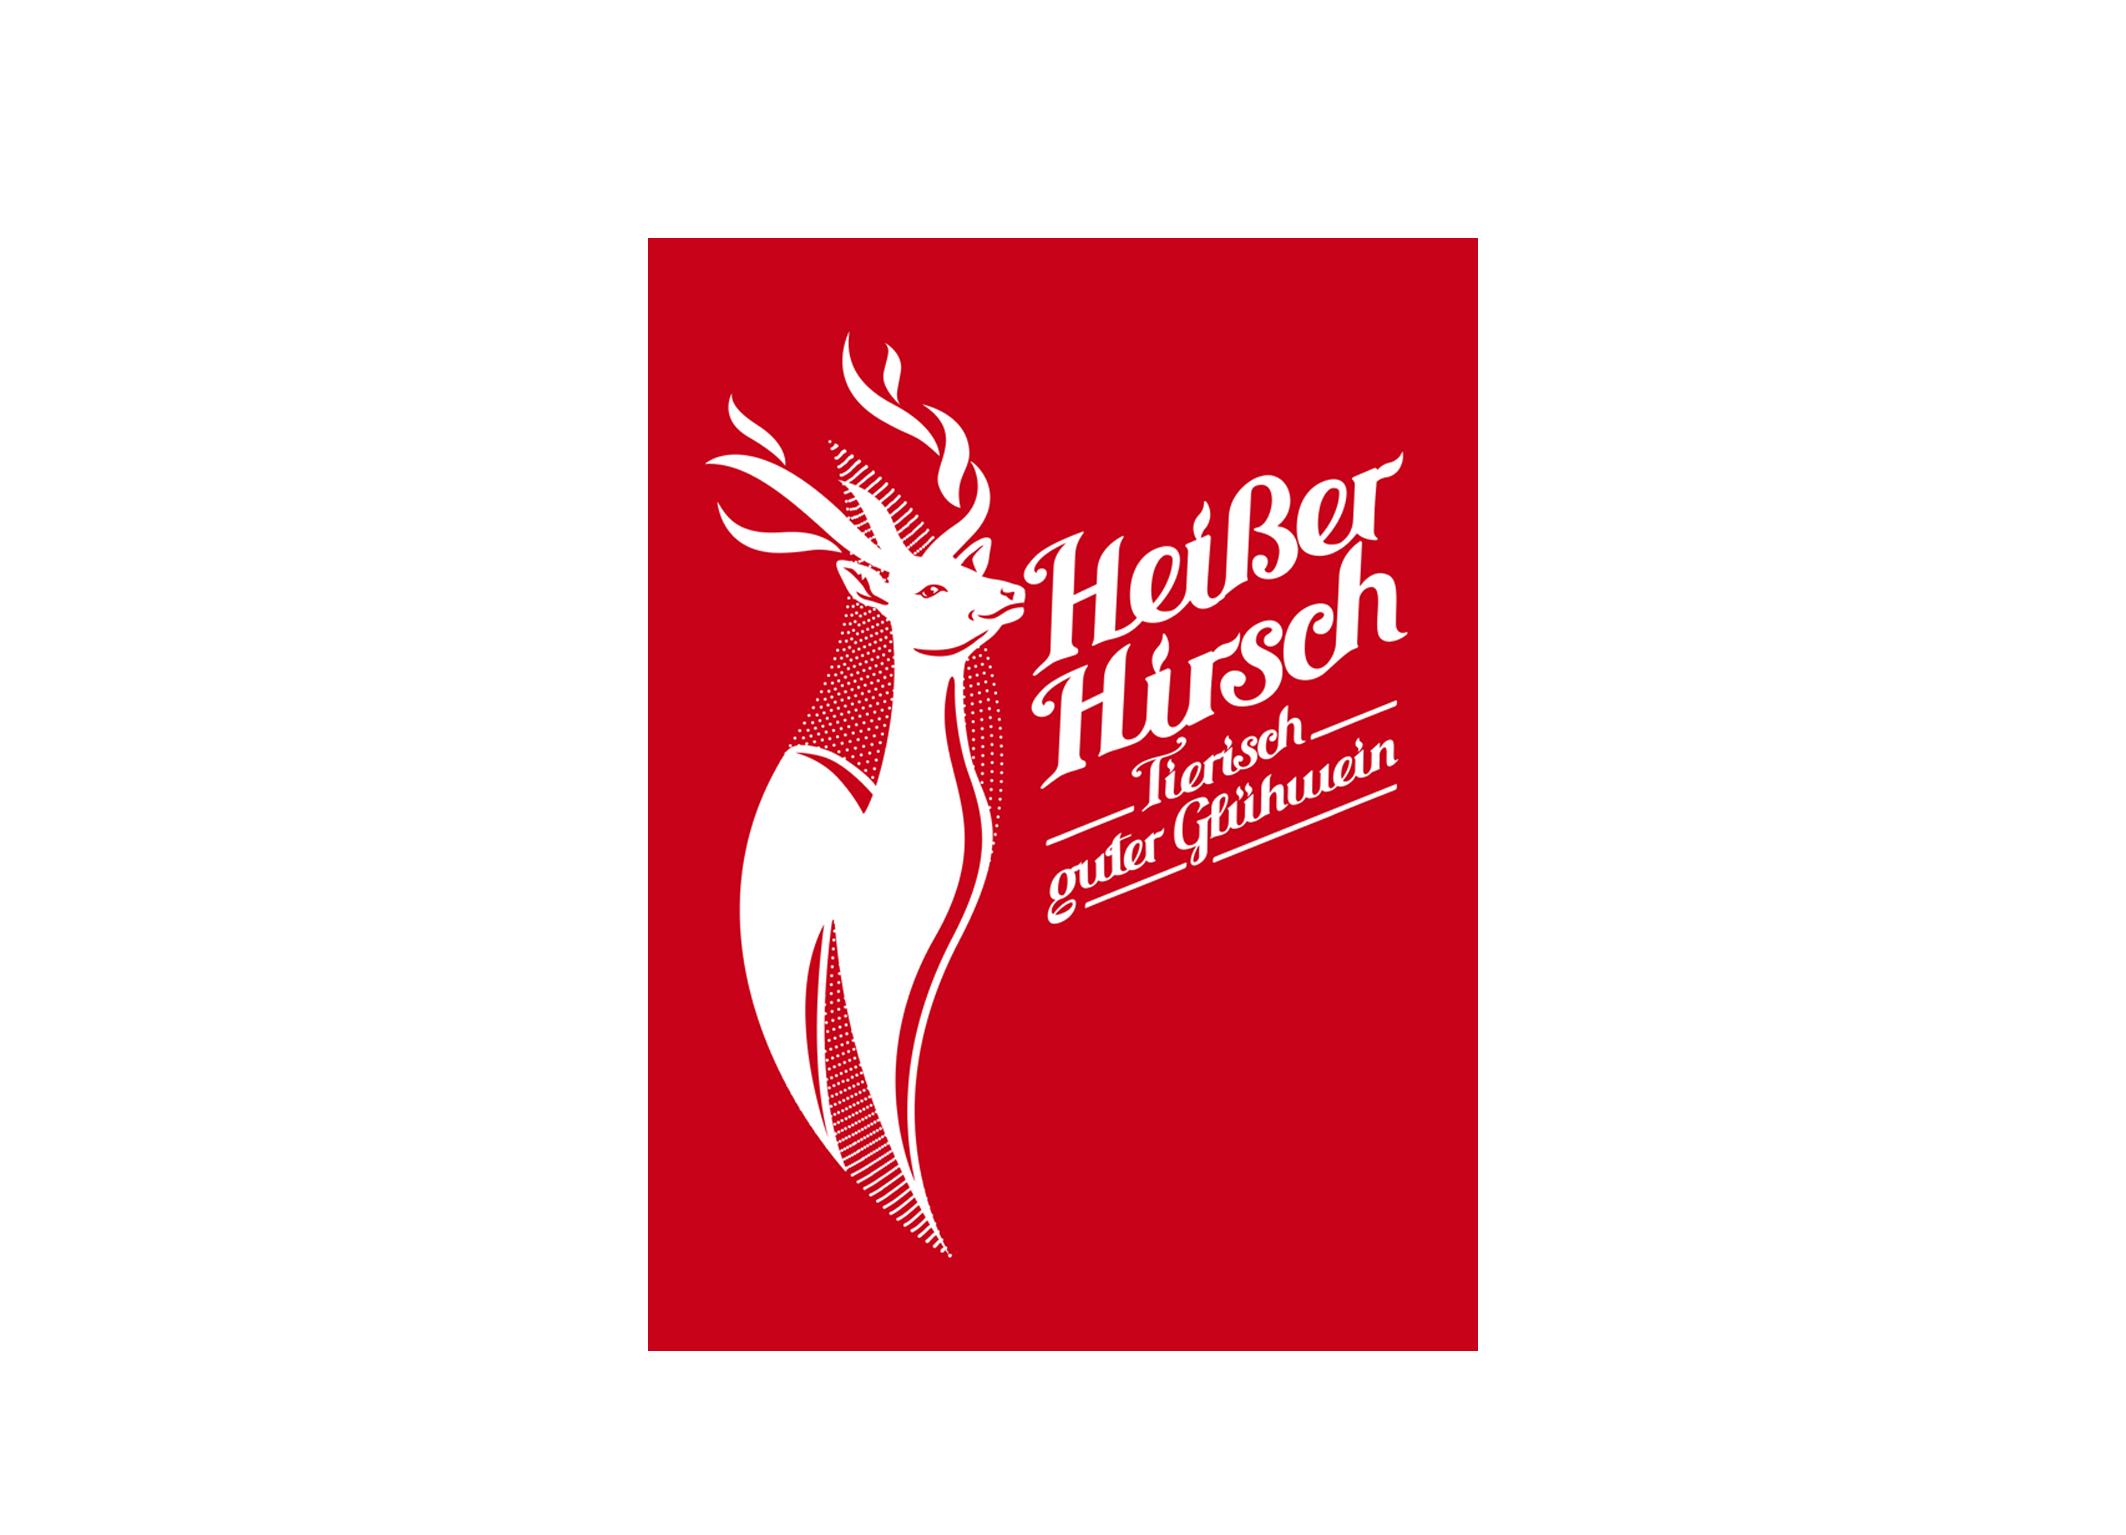 Heißer Hirsch